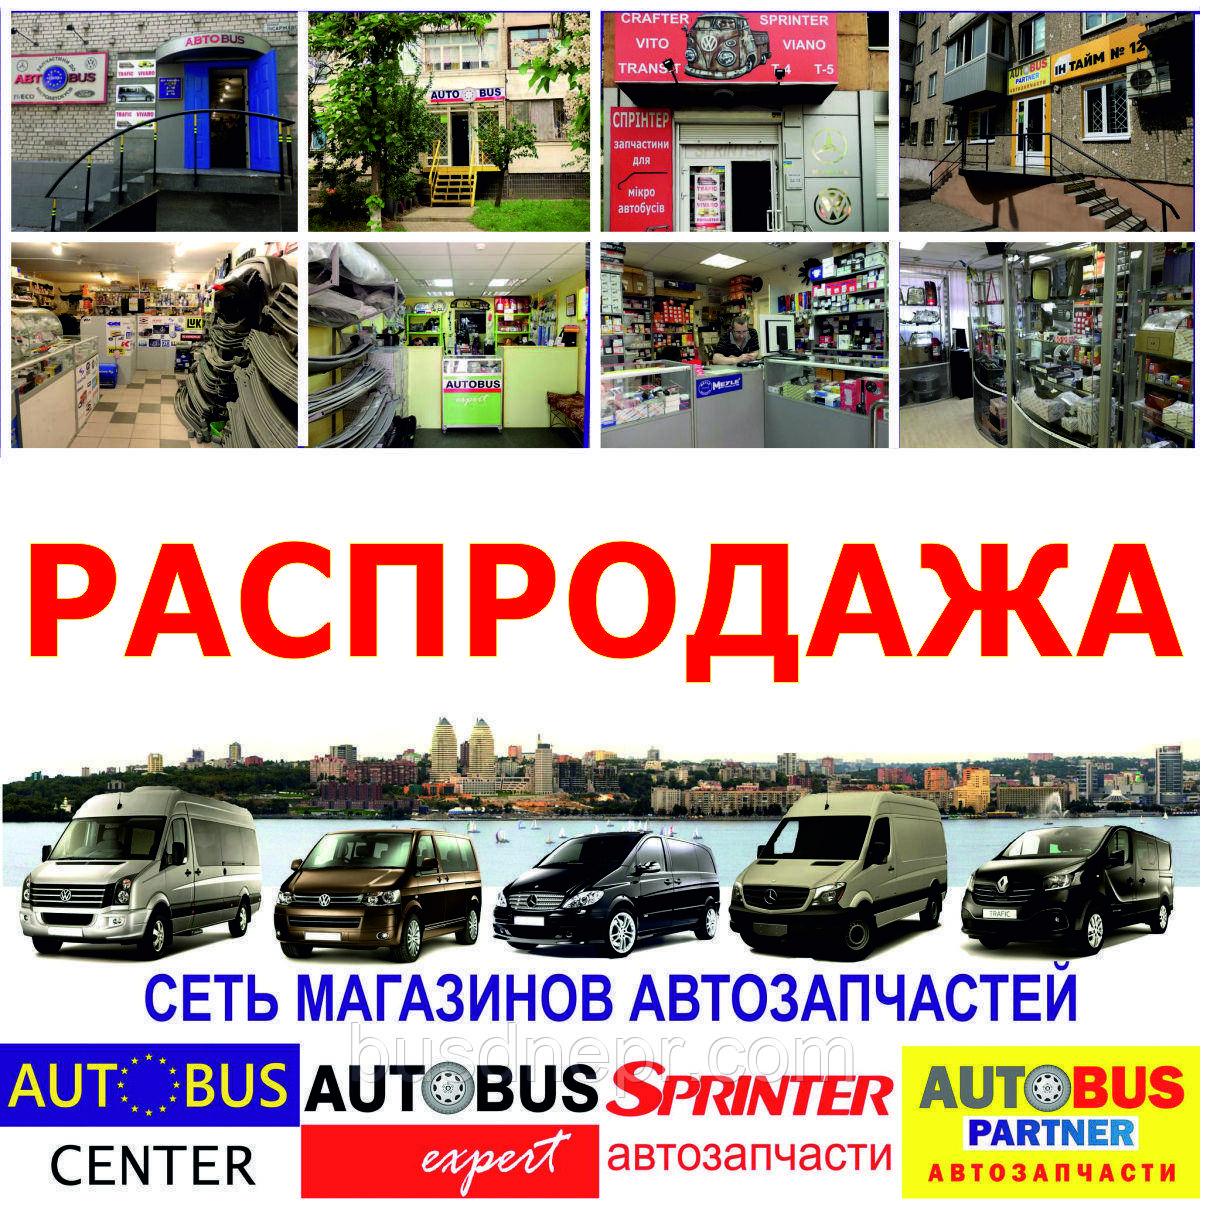 БАРАБАННЫЕ ТОРМОЗНЫЕ КОЛОДКИ   257X57  FIAT DUCATO MAXI 87- Тормозная система: TRW